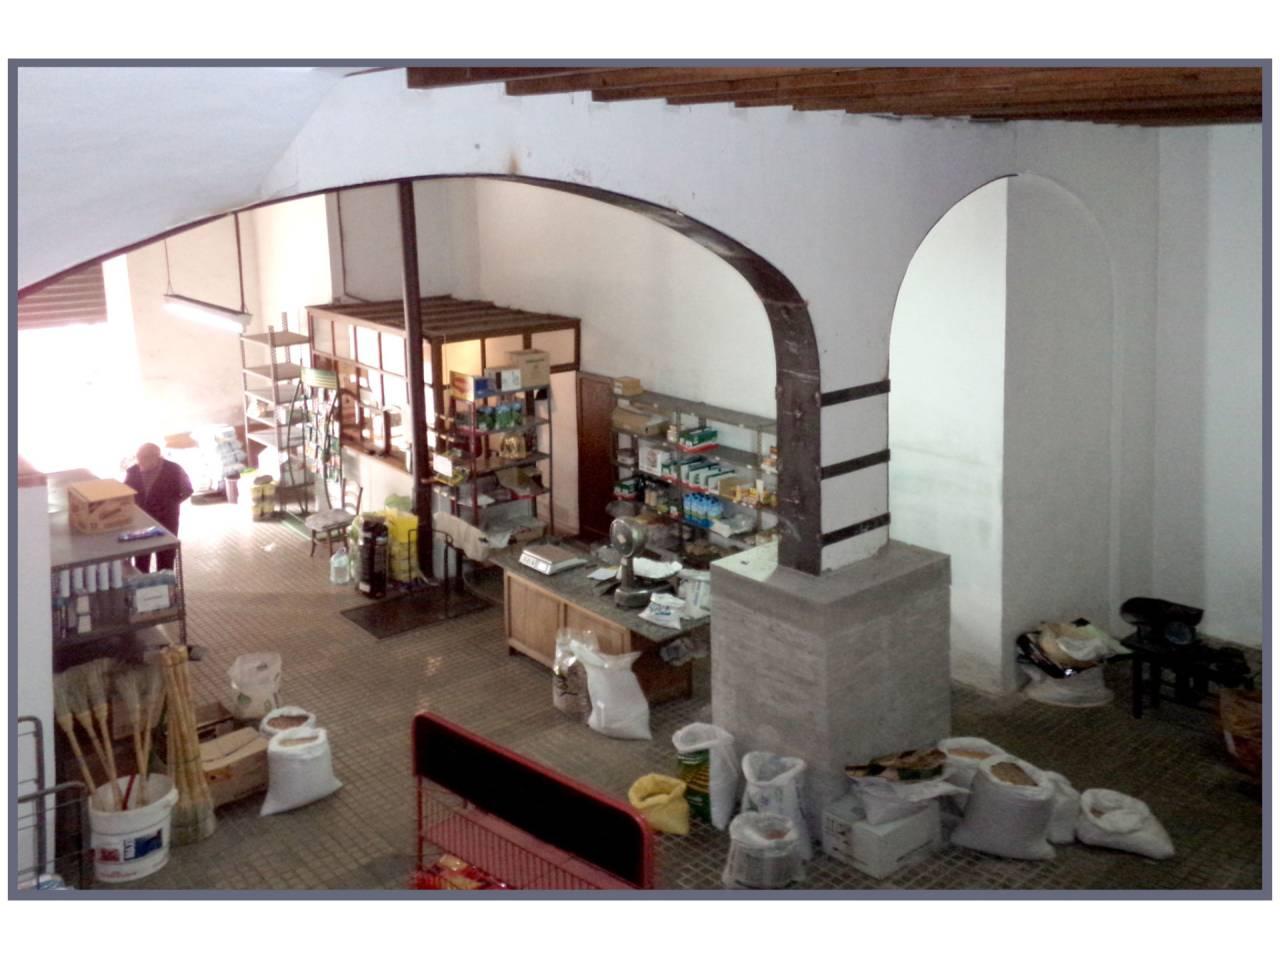 Rent Business premise  Plaza orient. Se alquila local comercial situado en la plaza de orient de inca